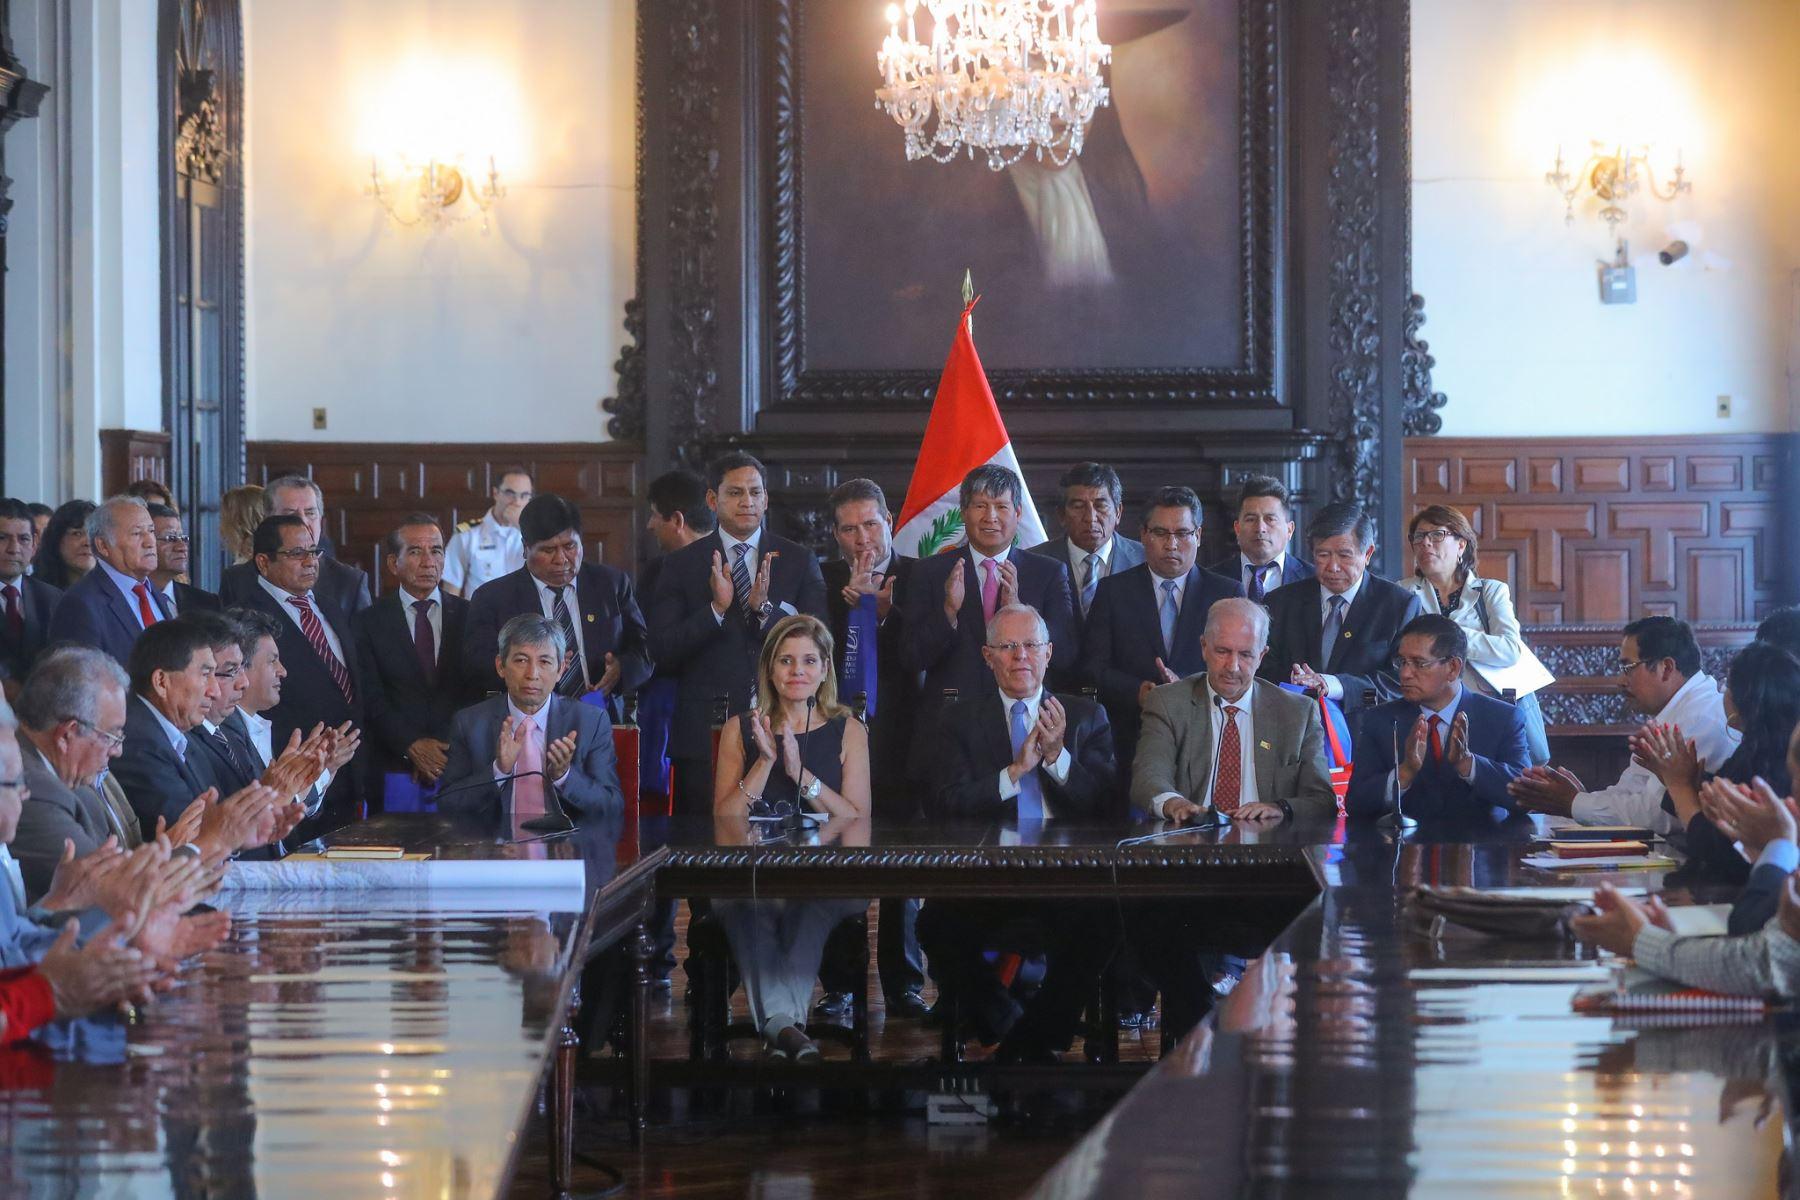 Presidente Pedro Pablo Kuczynski participa del 7mo Gore-Ejecutivo, que reúne a ministros de Estado con los gobernadores regionales, en Palacio de Gobierno. Foto: ANDINA/Prensa Presidencia.